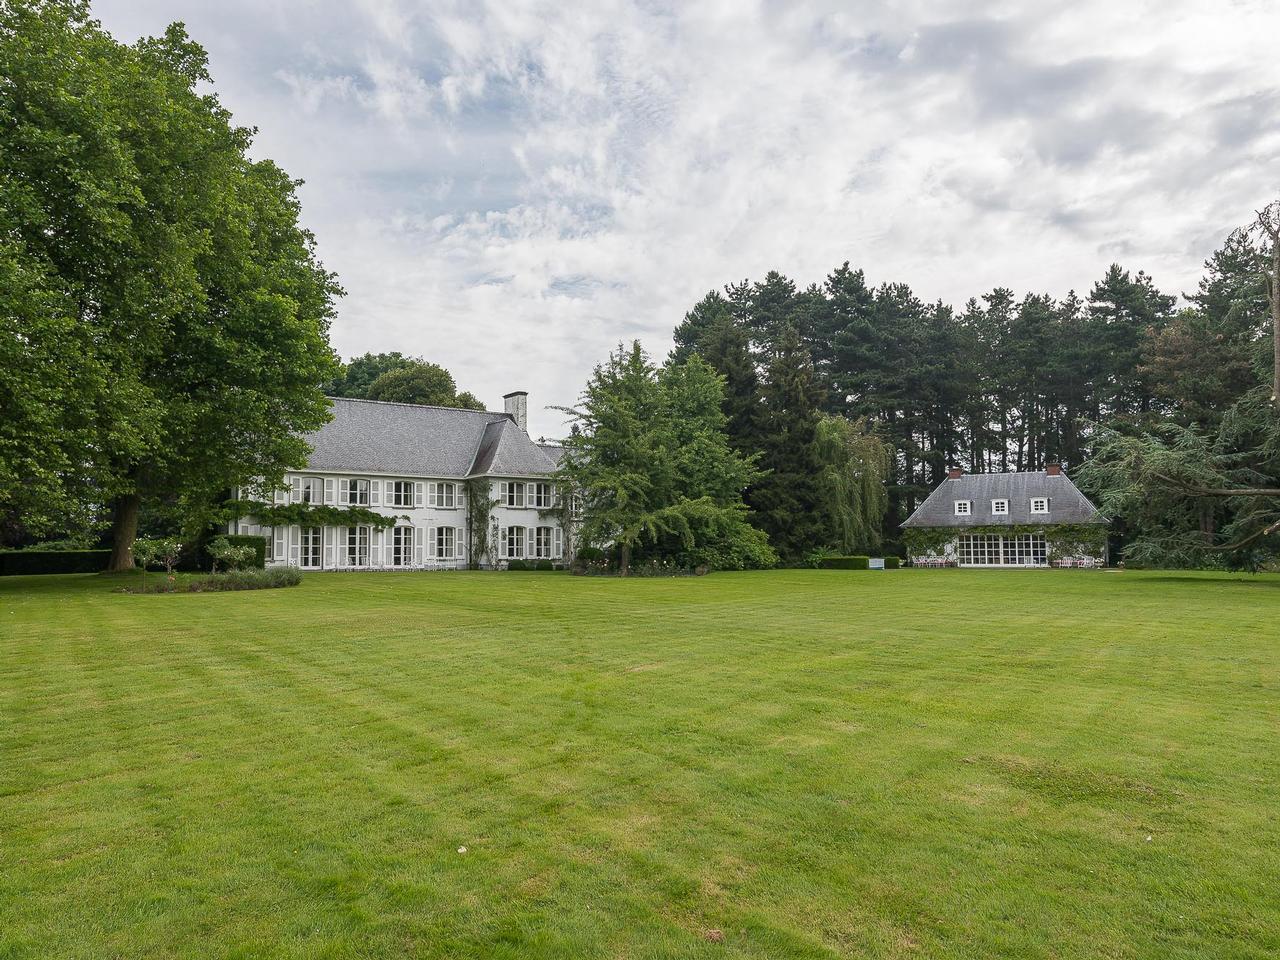 その他の住居 のために 売買 アット Louvain I Manoir et son parc Other Belgium, ベルギーのその他の地域, 3020 ベルギー